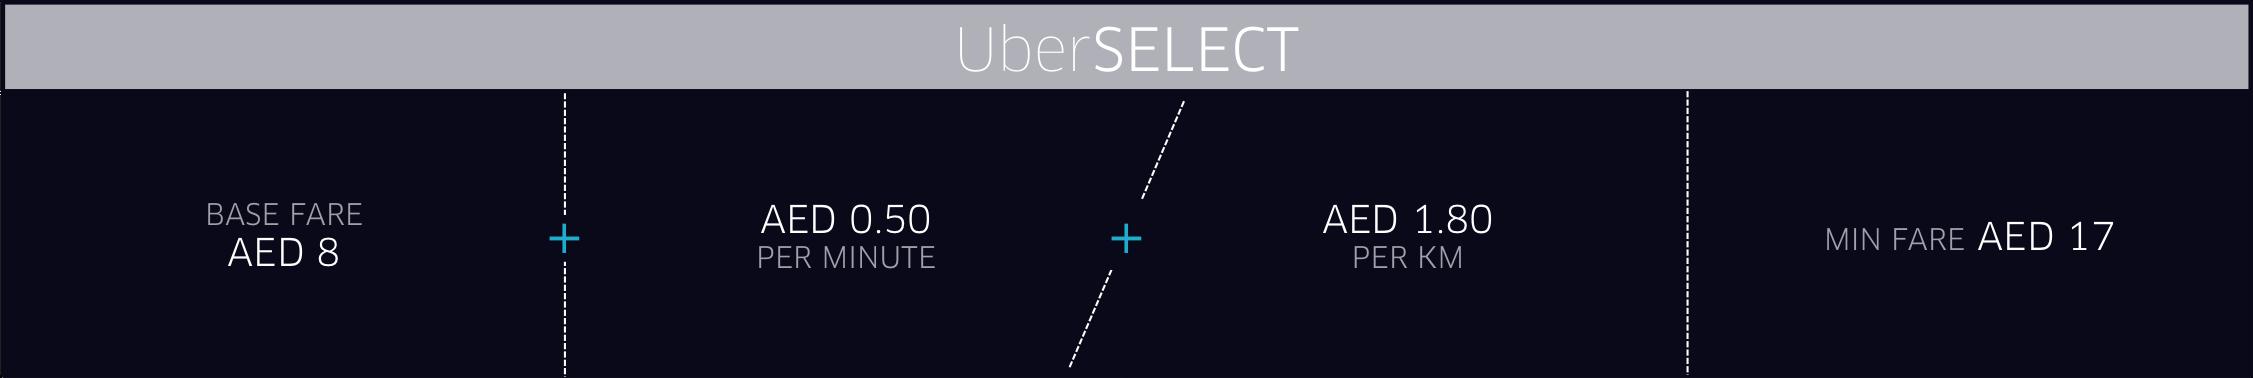 UberSELECT-2